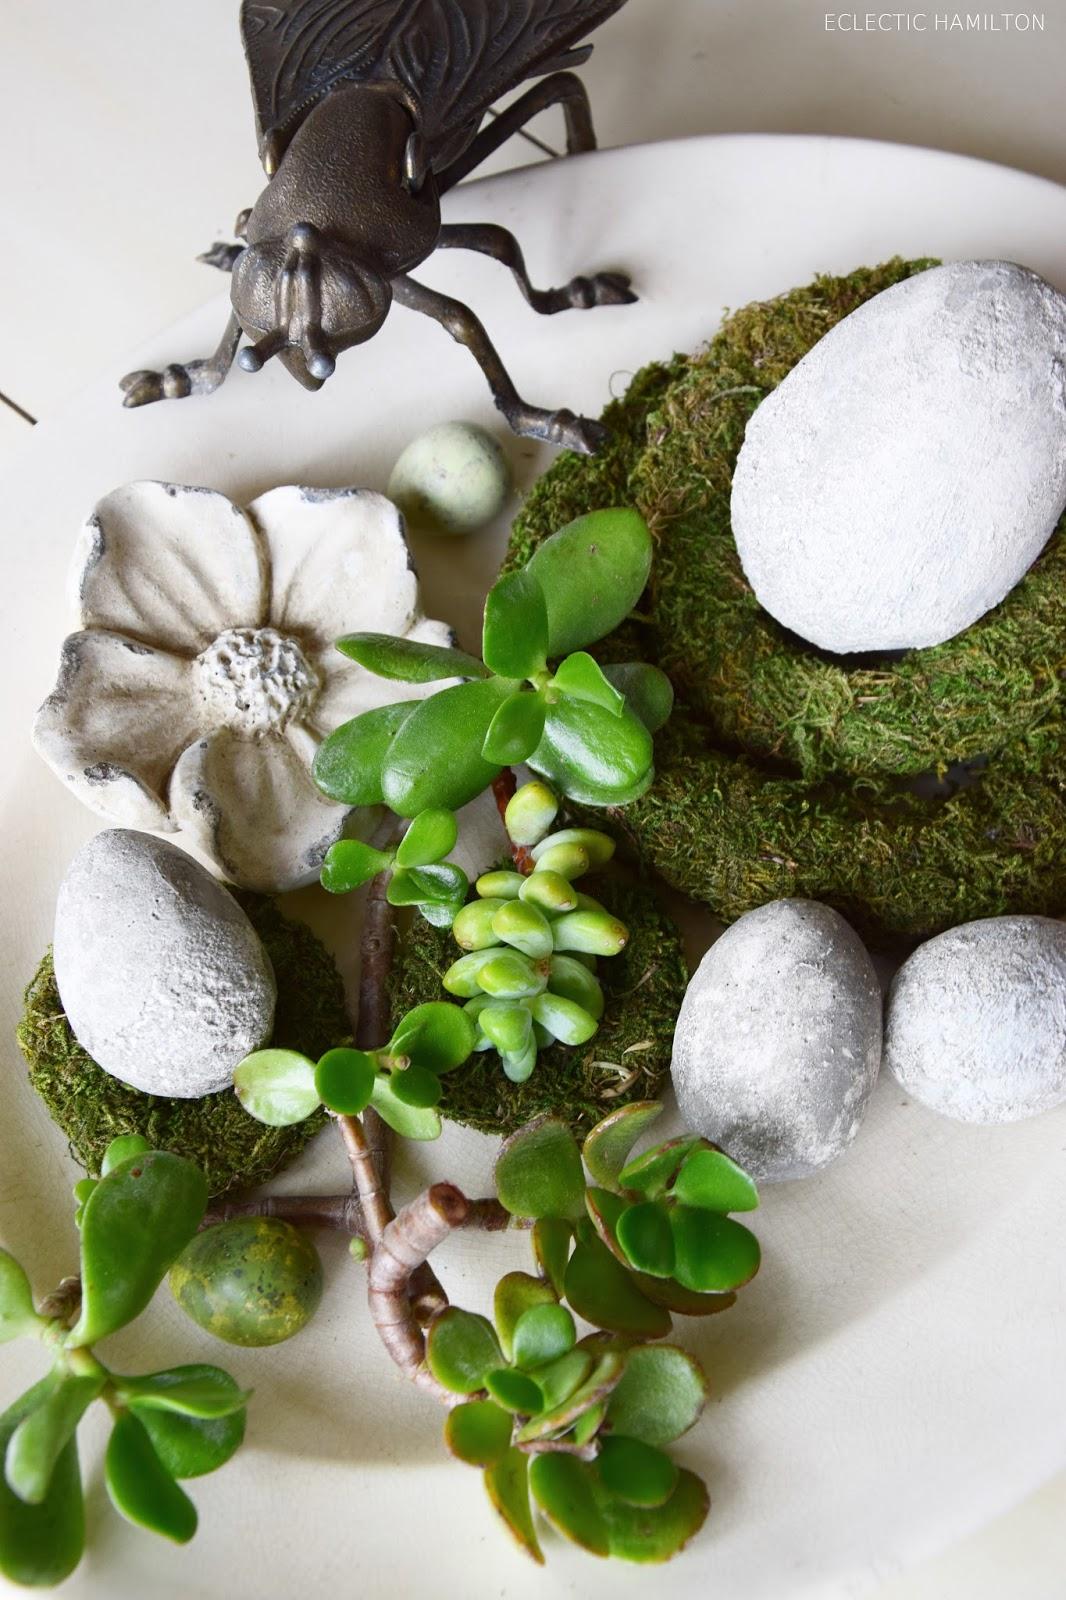 Deko mit Sukkulenten ohne Erde! Dekoidee mit Natur für euren Tisch, Konsole, Sideboard. Natürlich dekorieren mit Pflanzen Mooskranz Mooskränze